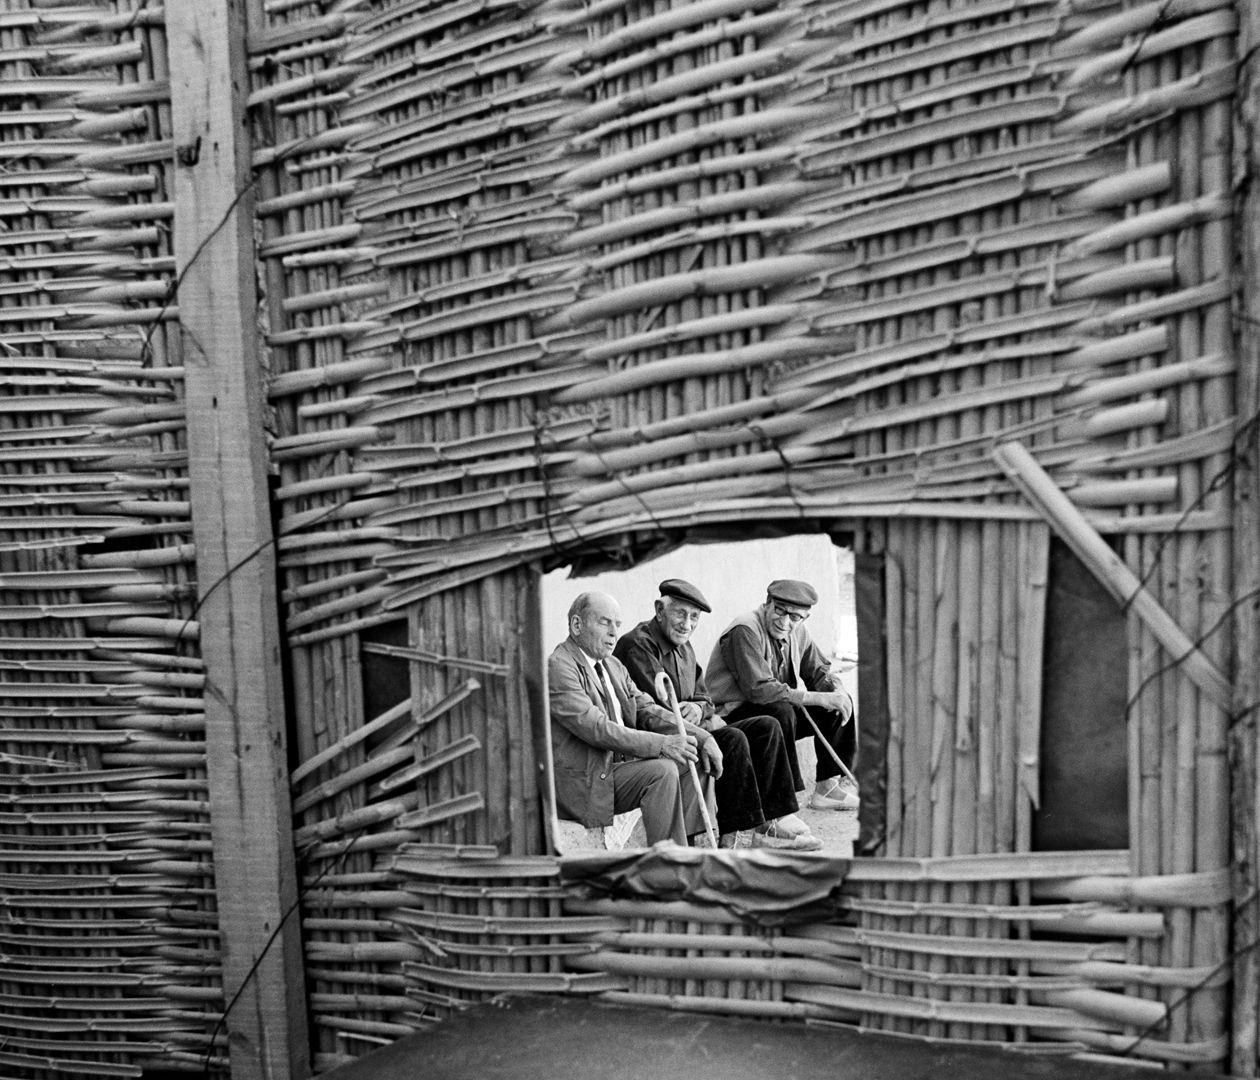 Famosos fotógrafos del pasado y del presente. Breve descripción de su obra y sus fotografías.